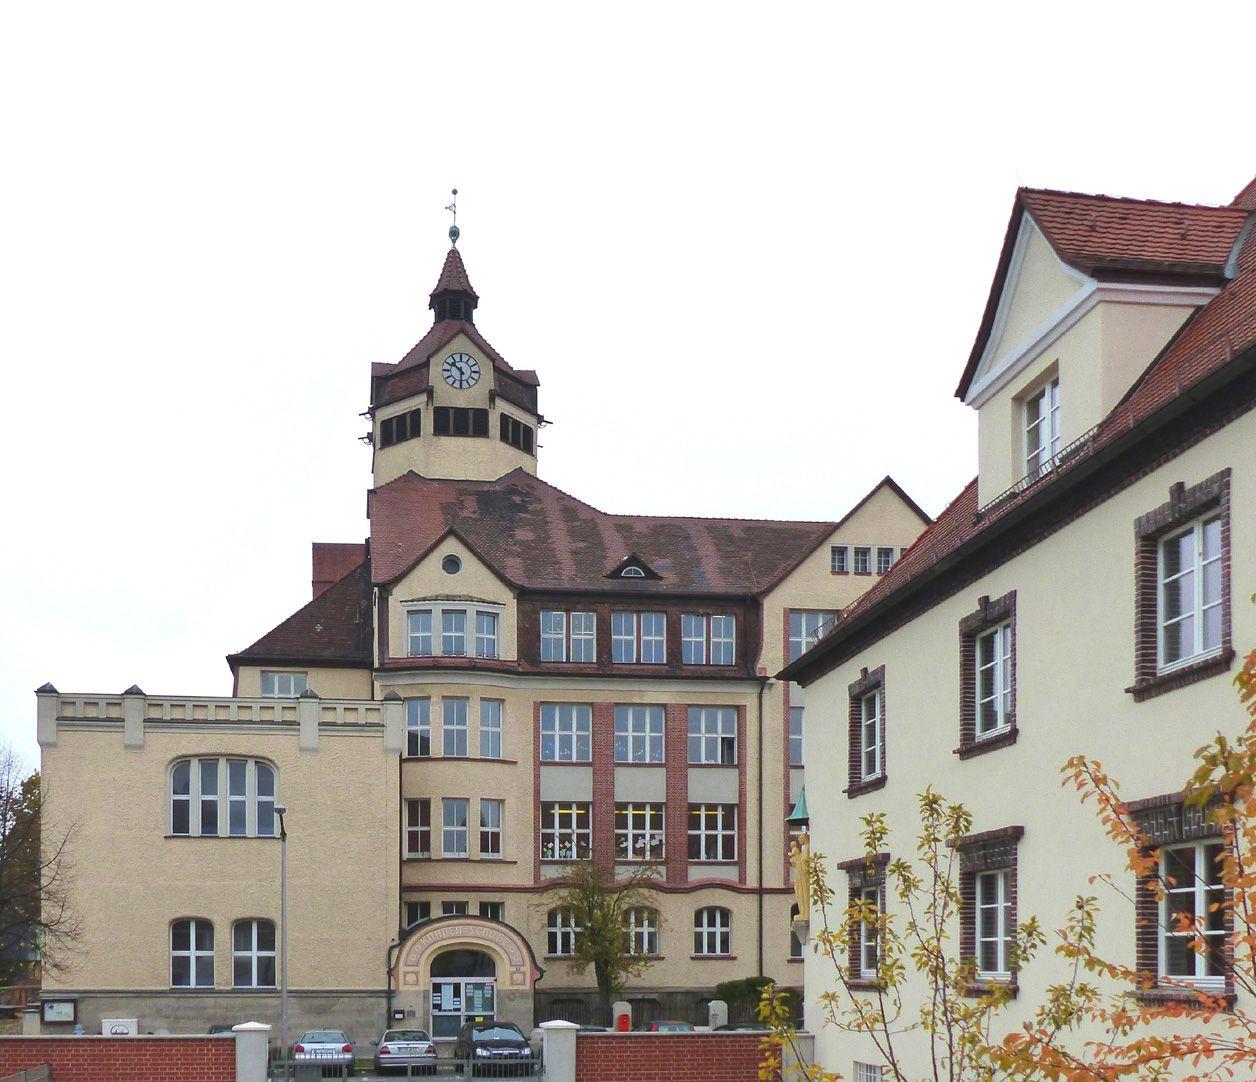 Scharrerschule südlicher Flachdach-Eckbau mit Knabenschule; Gebäude rechts im Bild: Krankenpflegeverein St. Kunigund